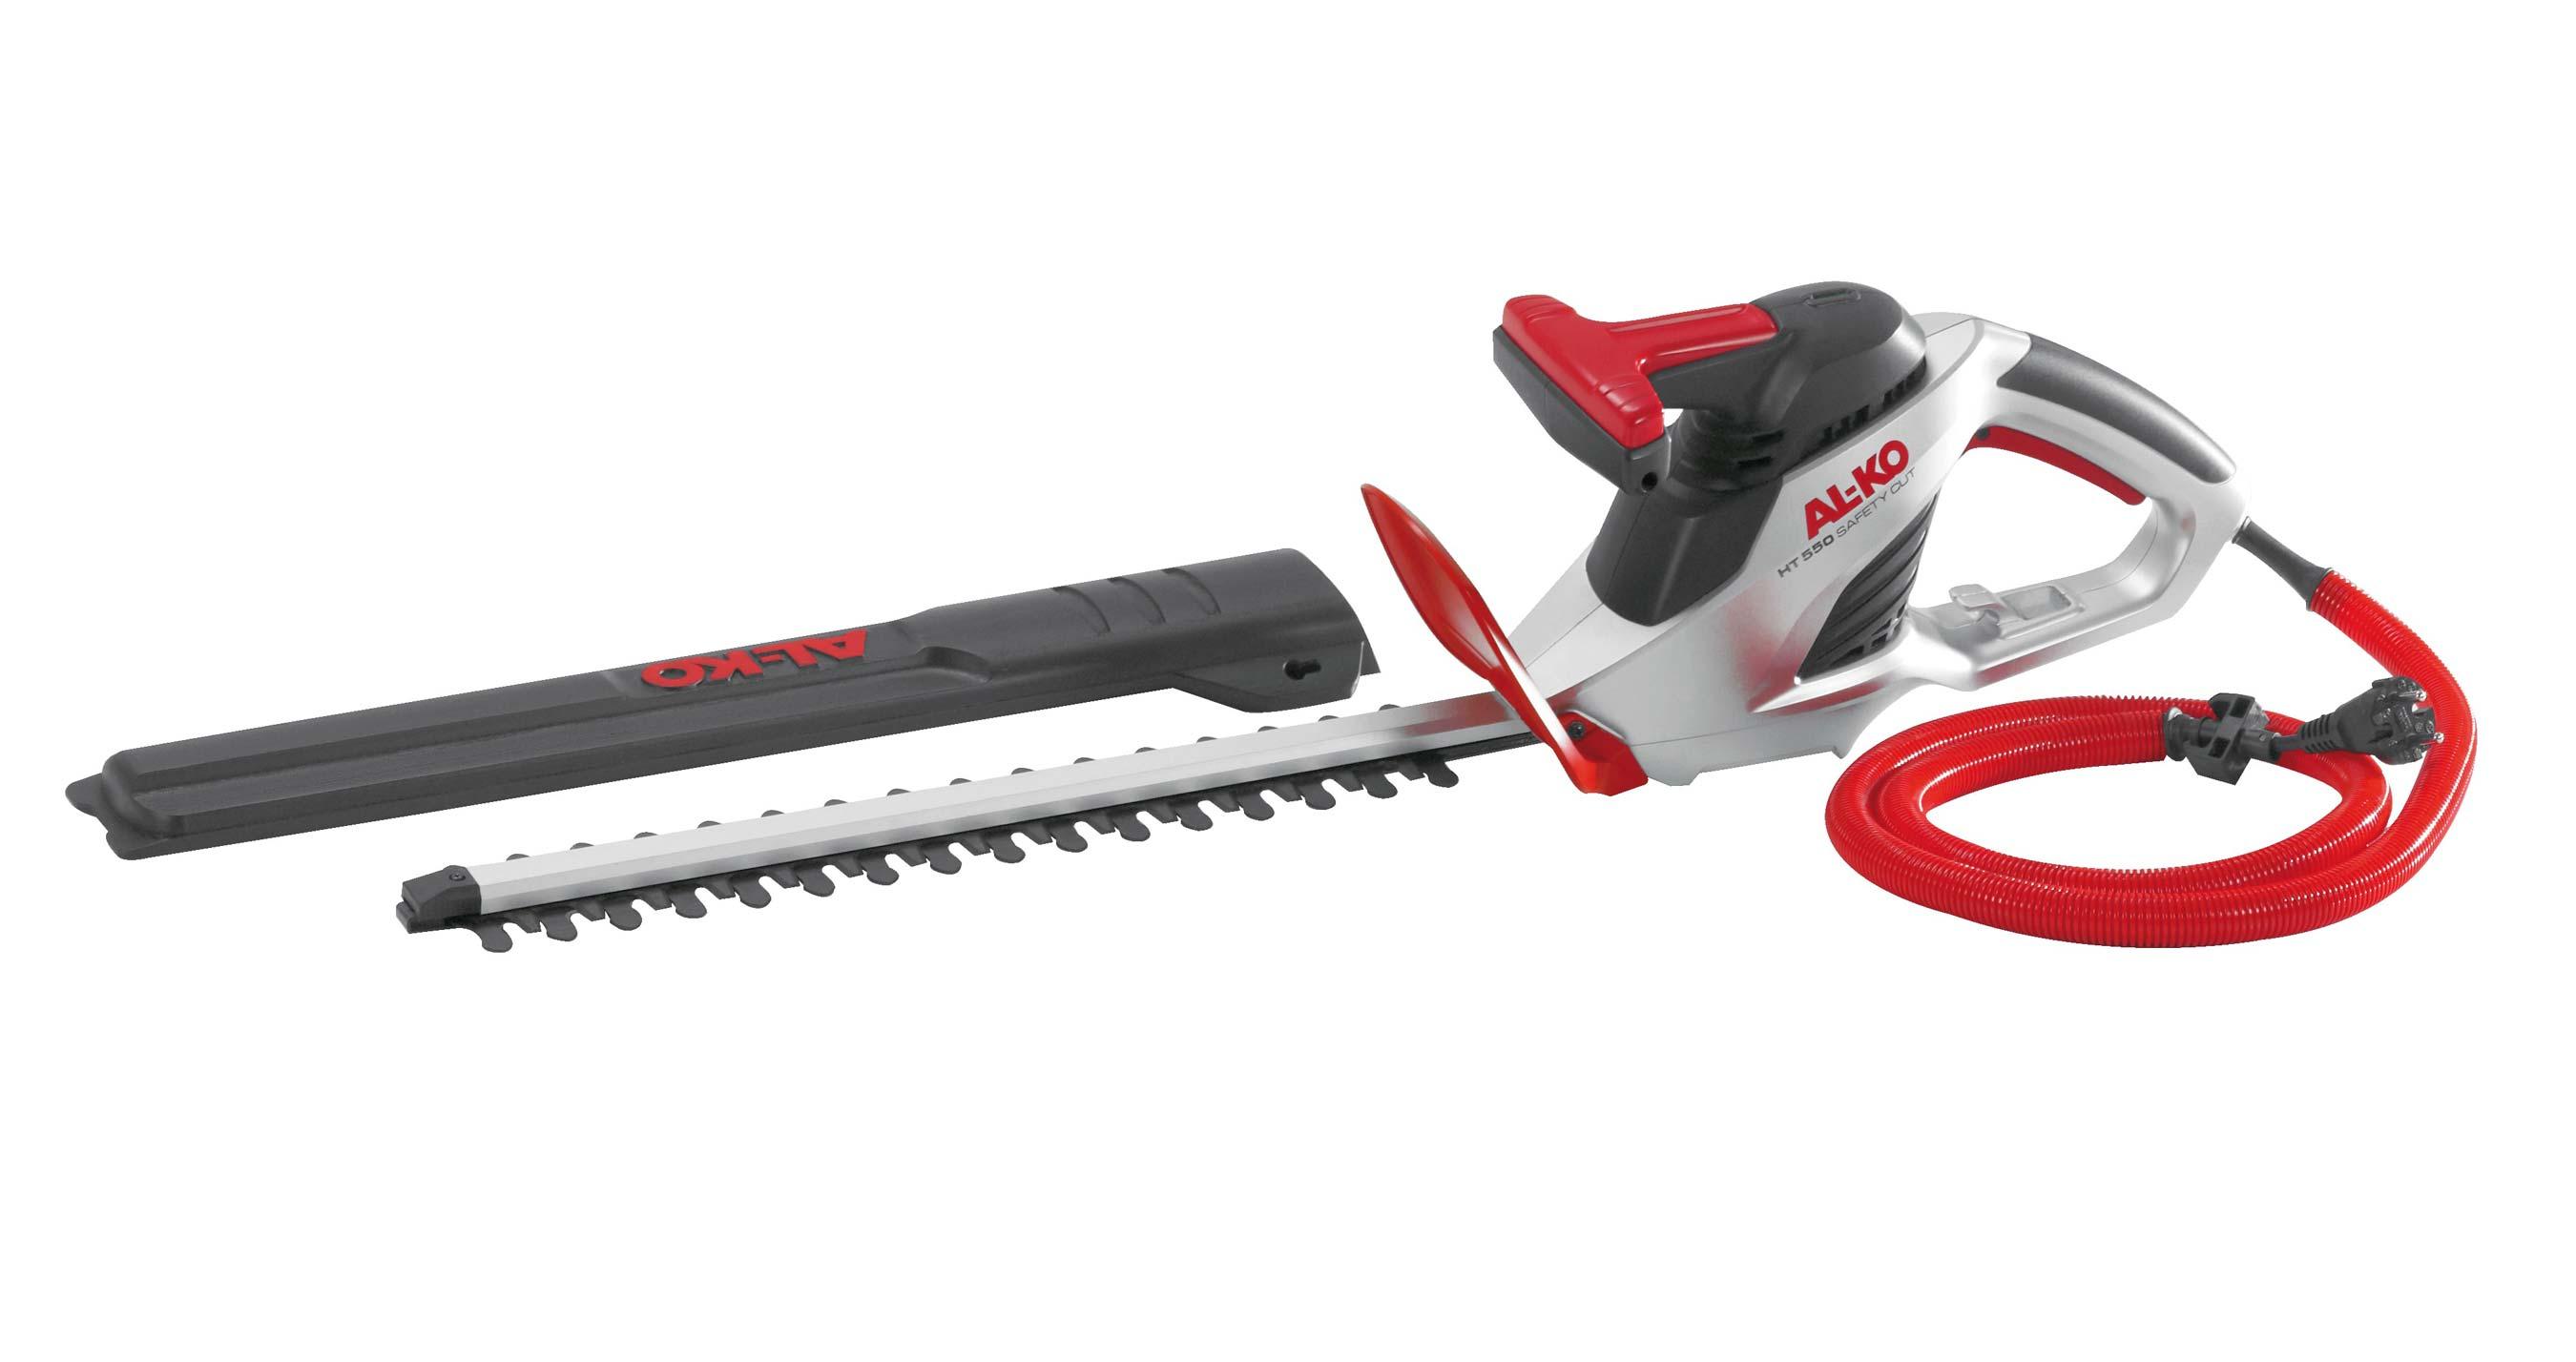 AL-KO Elektro Heckenschere HT 550 Safety Cut 550 W Schnittbreite 52cm Bild 1